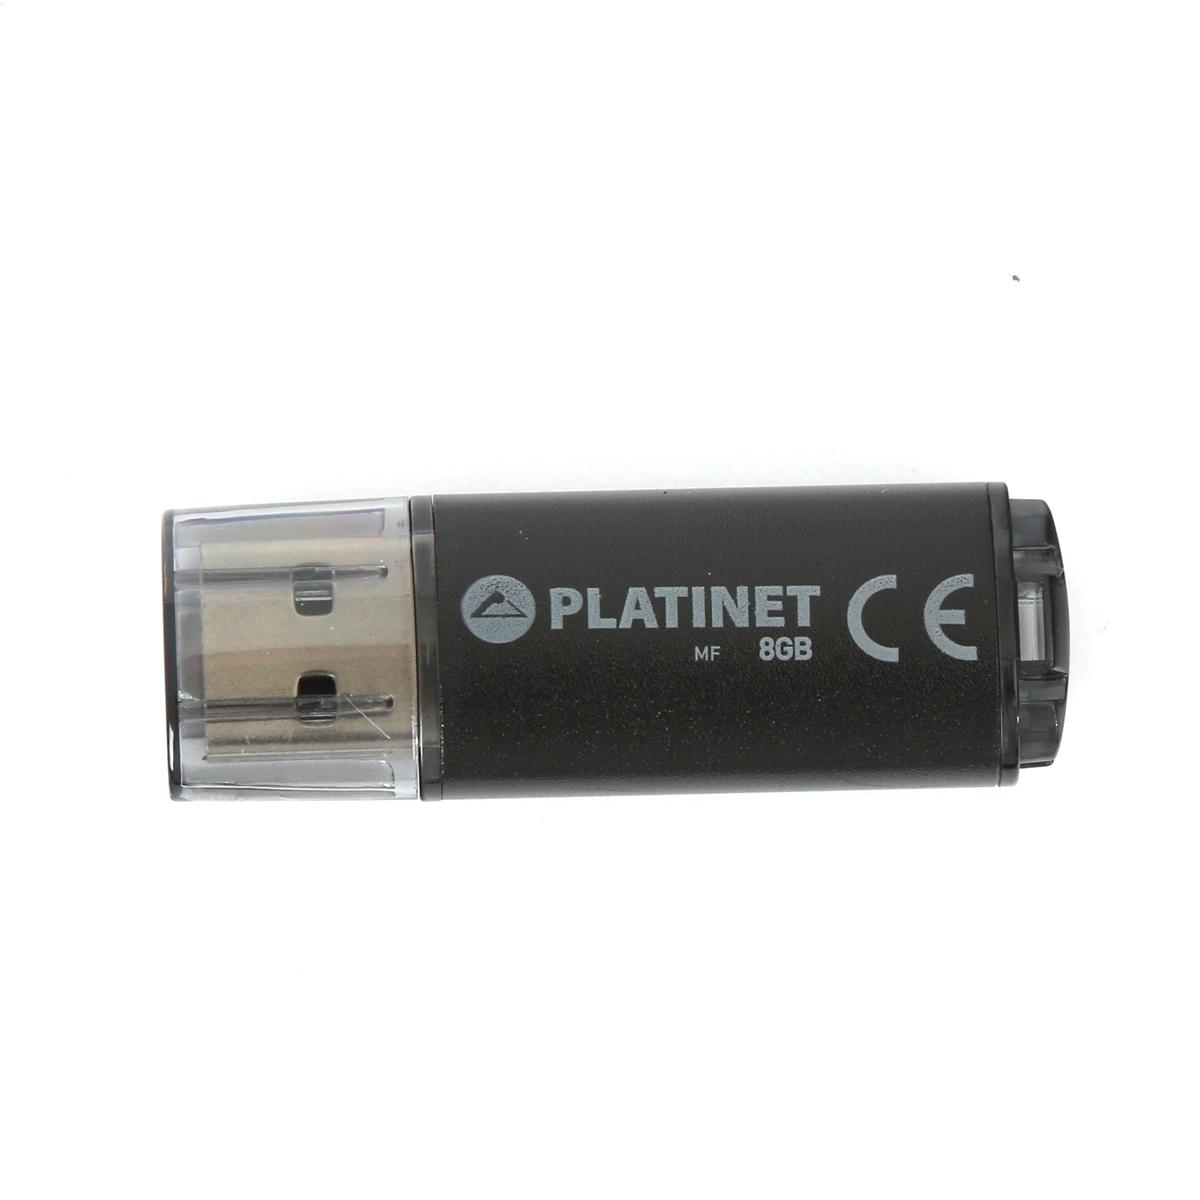 PLATINET PENDRIVE USB 2.0 X-Depo 8 GB ČIERNY [40943]